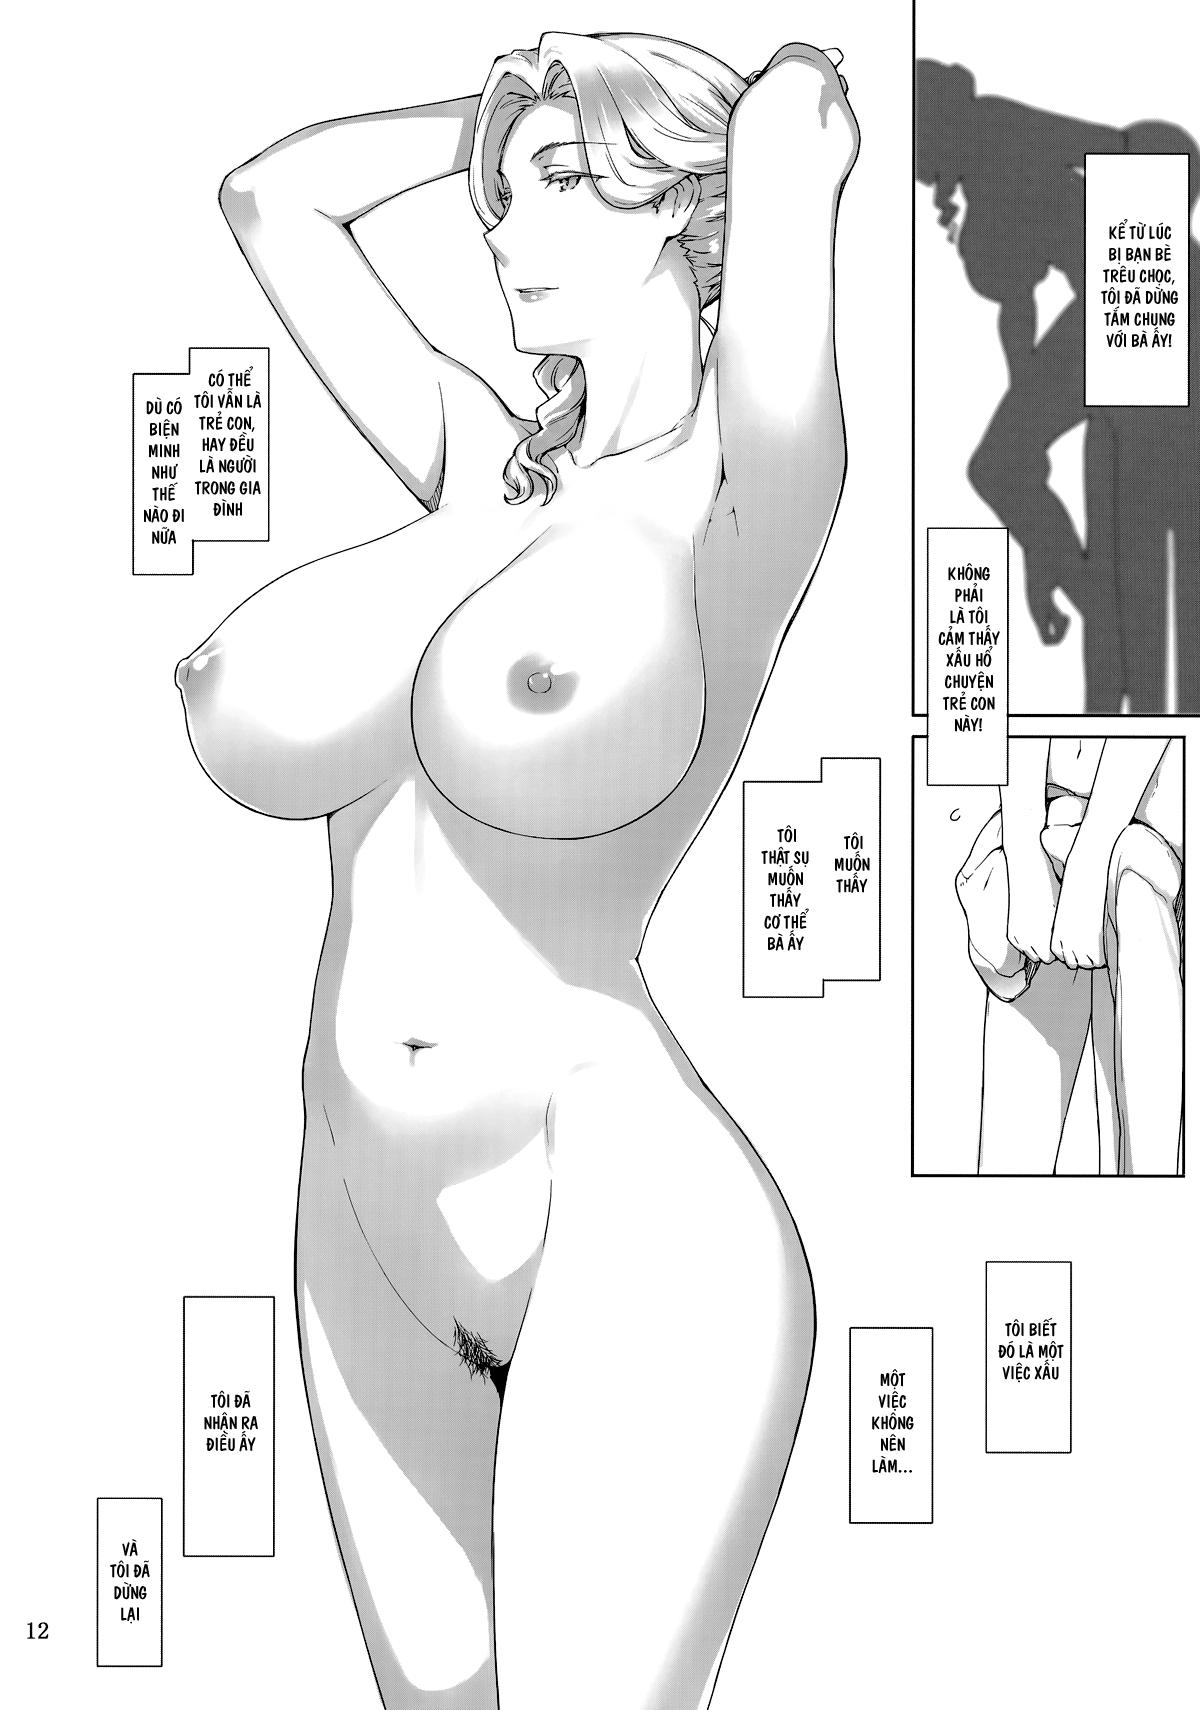 HentaiVN.net - Ảnh 11 - Tanemori-ke no Katei Jijou - 胤盛家ノ家庭事情 ; Gia cảnh của gia đình nhà Tanemori - Chap 01